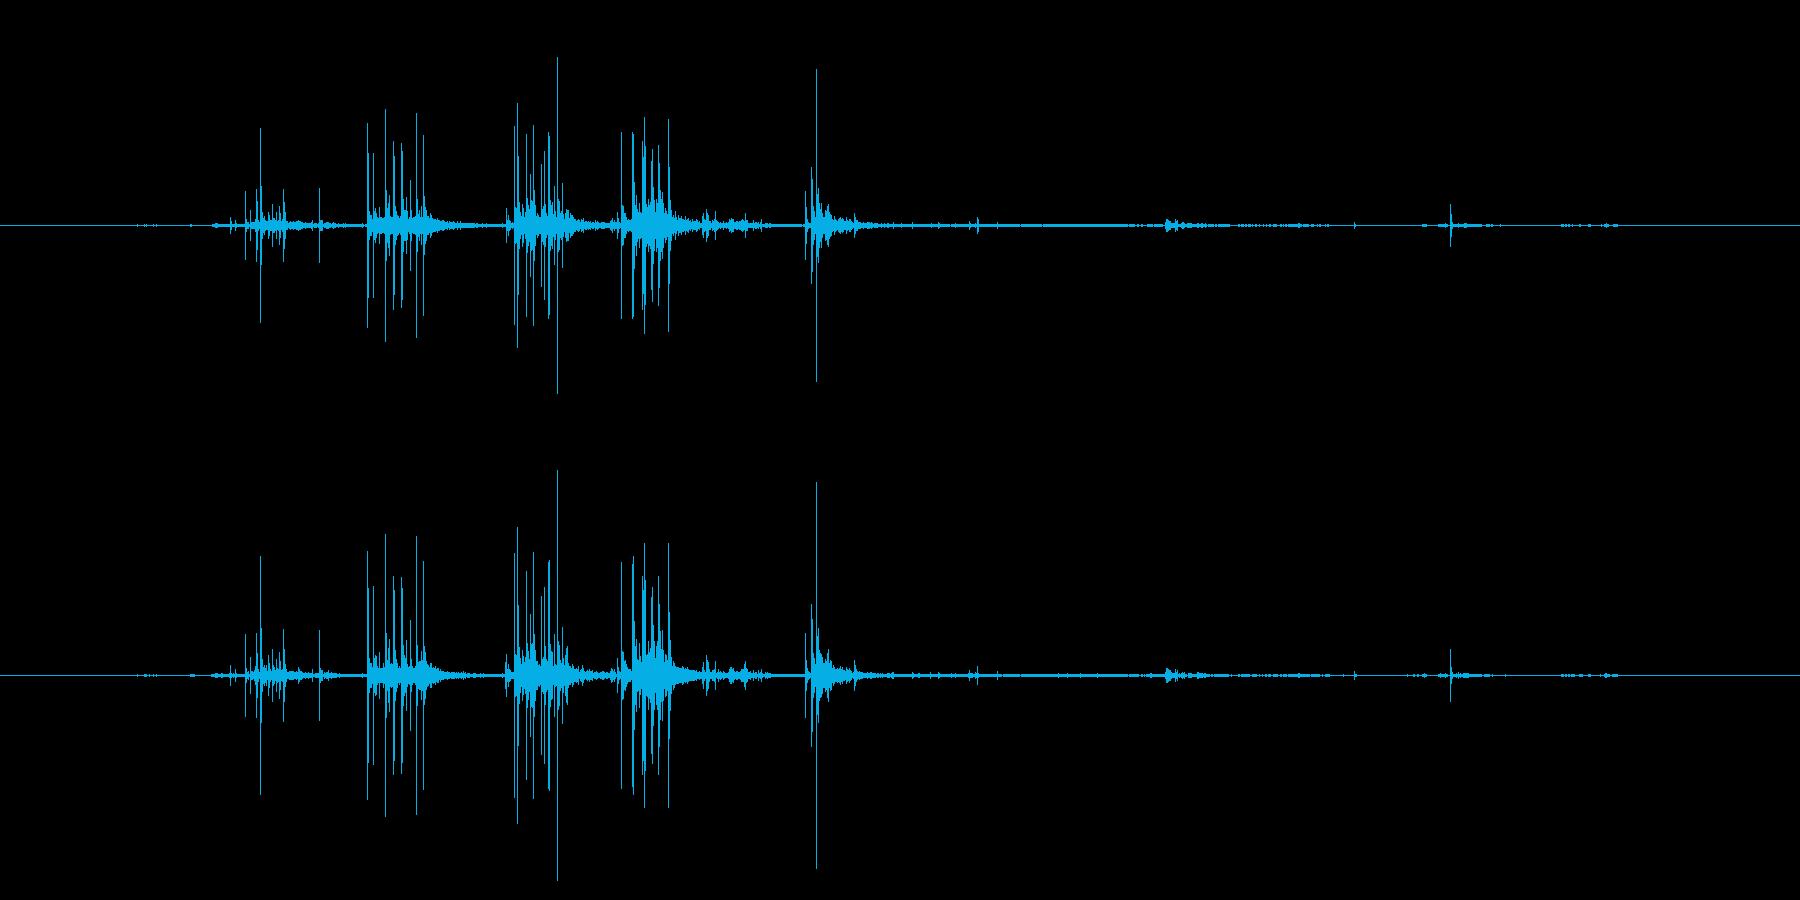 ビリビリ 布をさく音 破る音の再生済みの波形